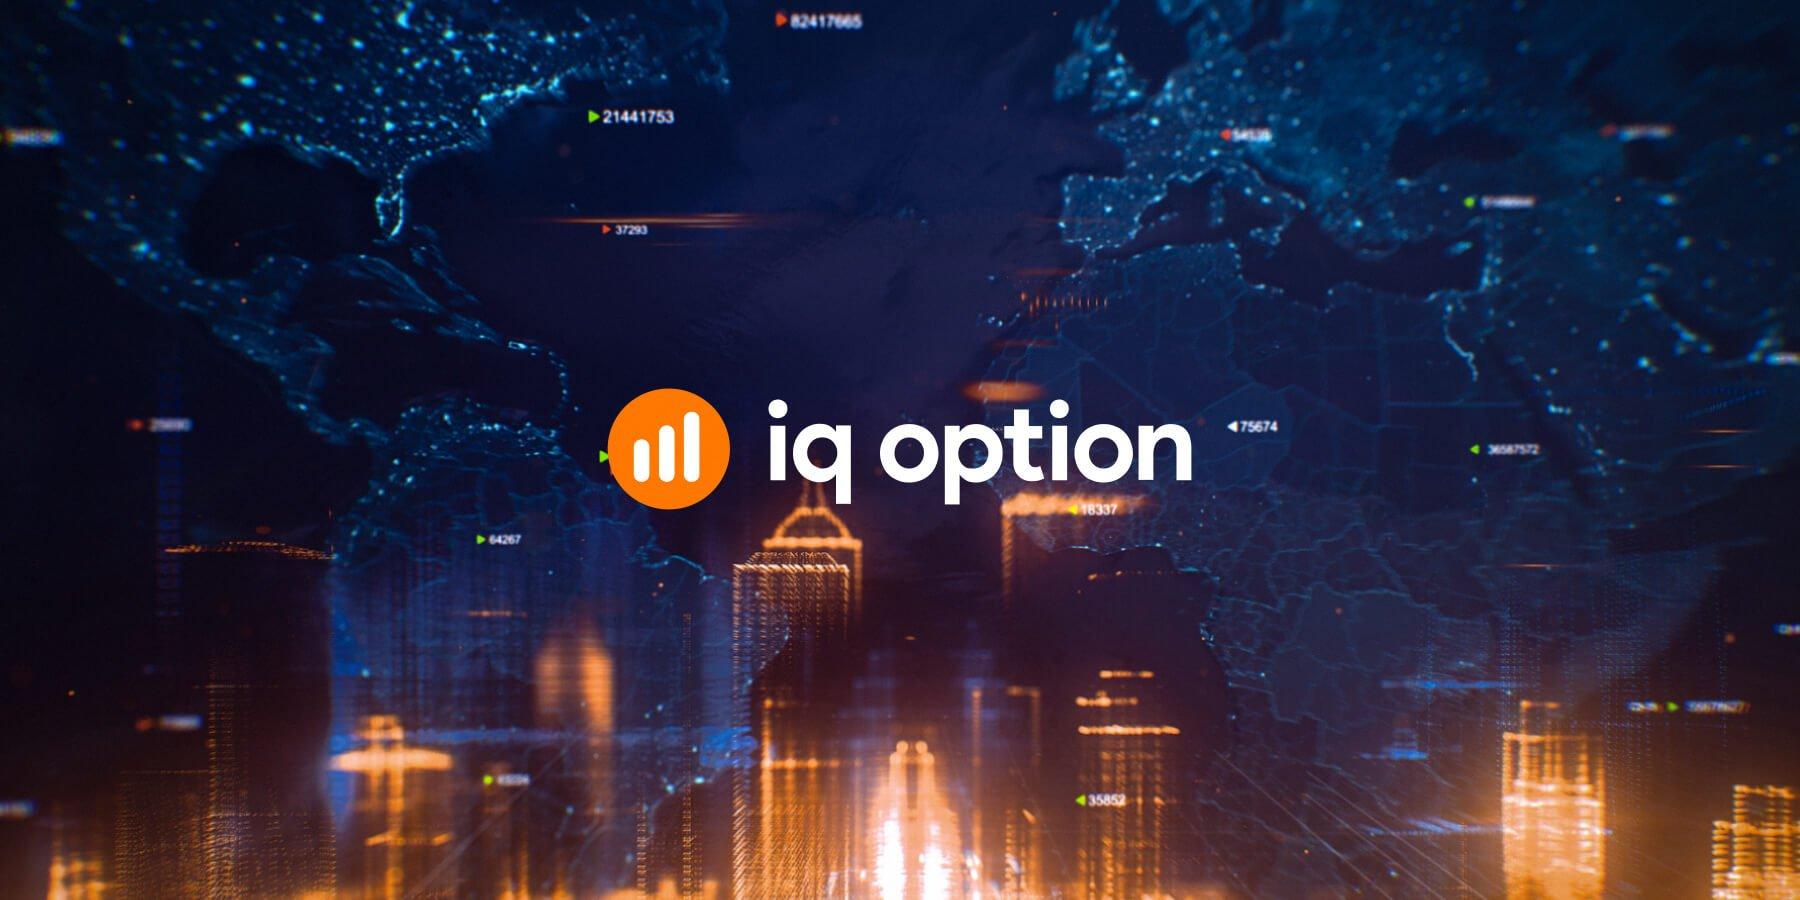 iq options broker apžvalga atidarymo diapazono išsiveržimas orb dienos prekybos sistema